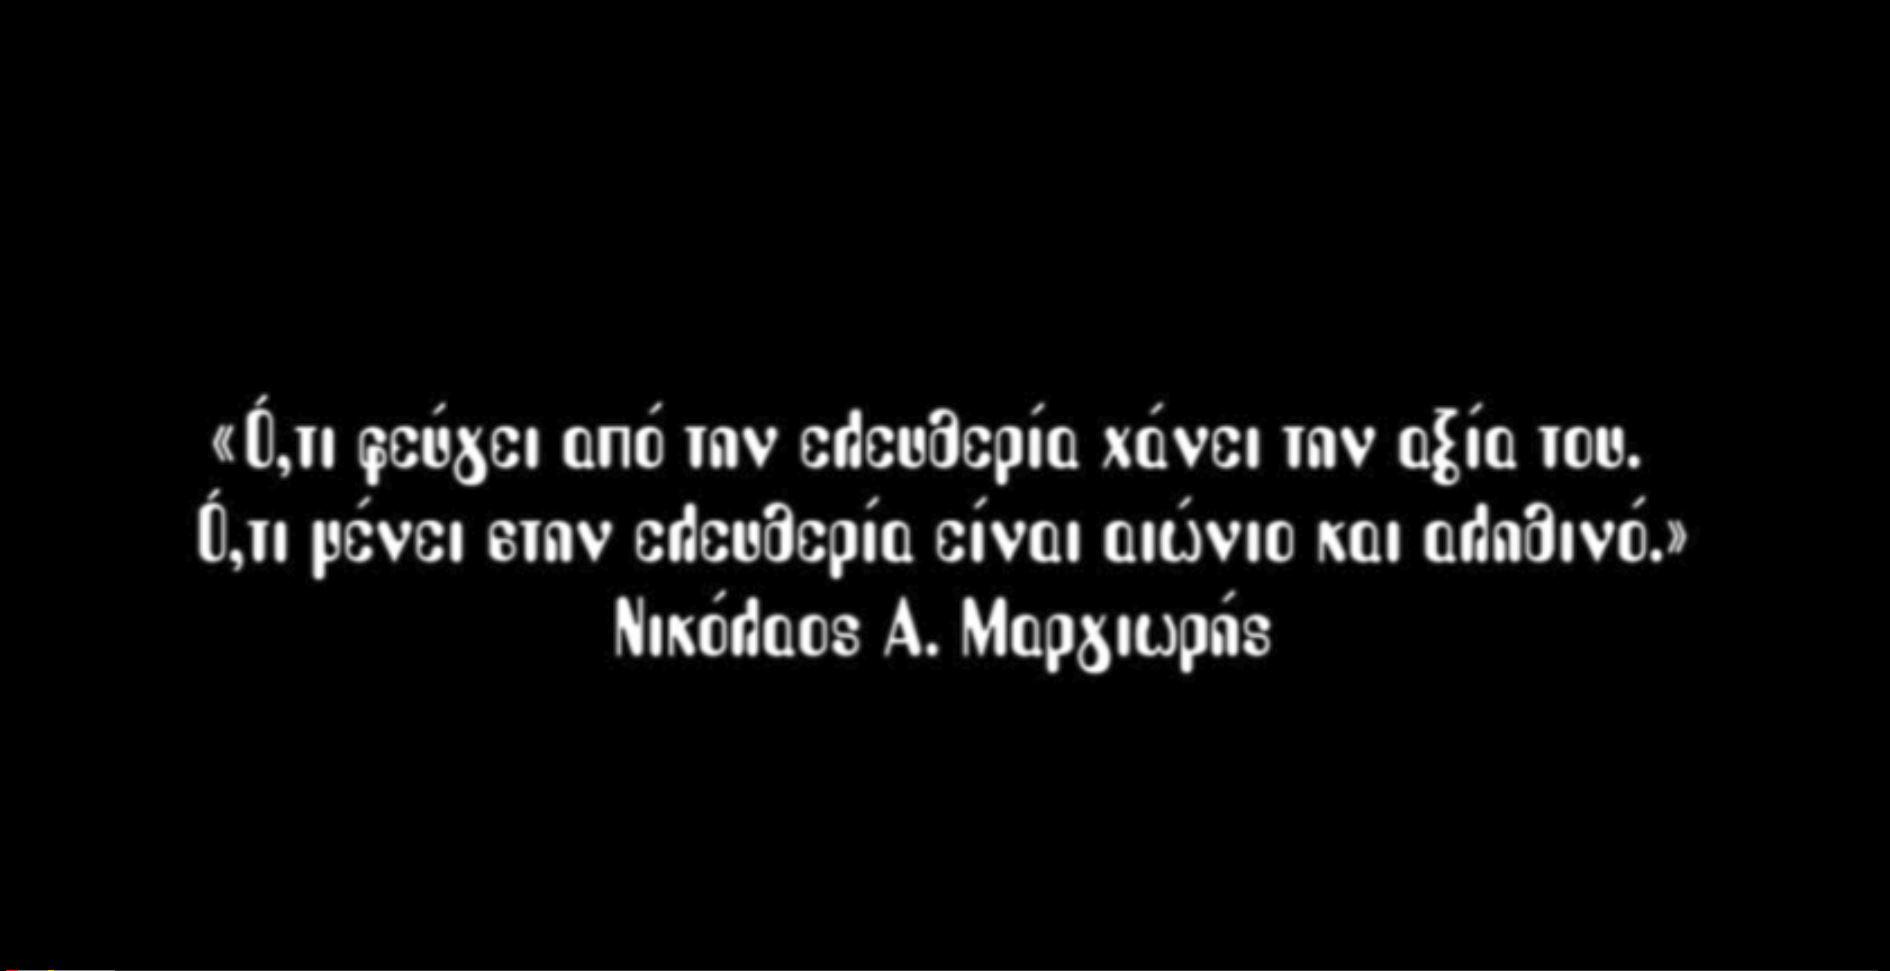 ΚΟΥΝΤΑΛΙΝΙ ΓΙΟΓΚΑ